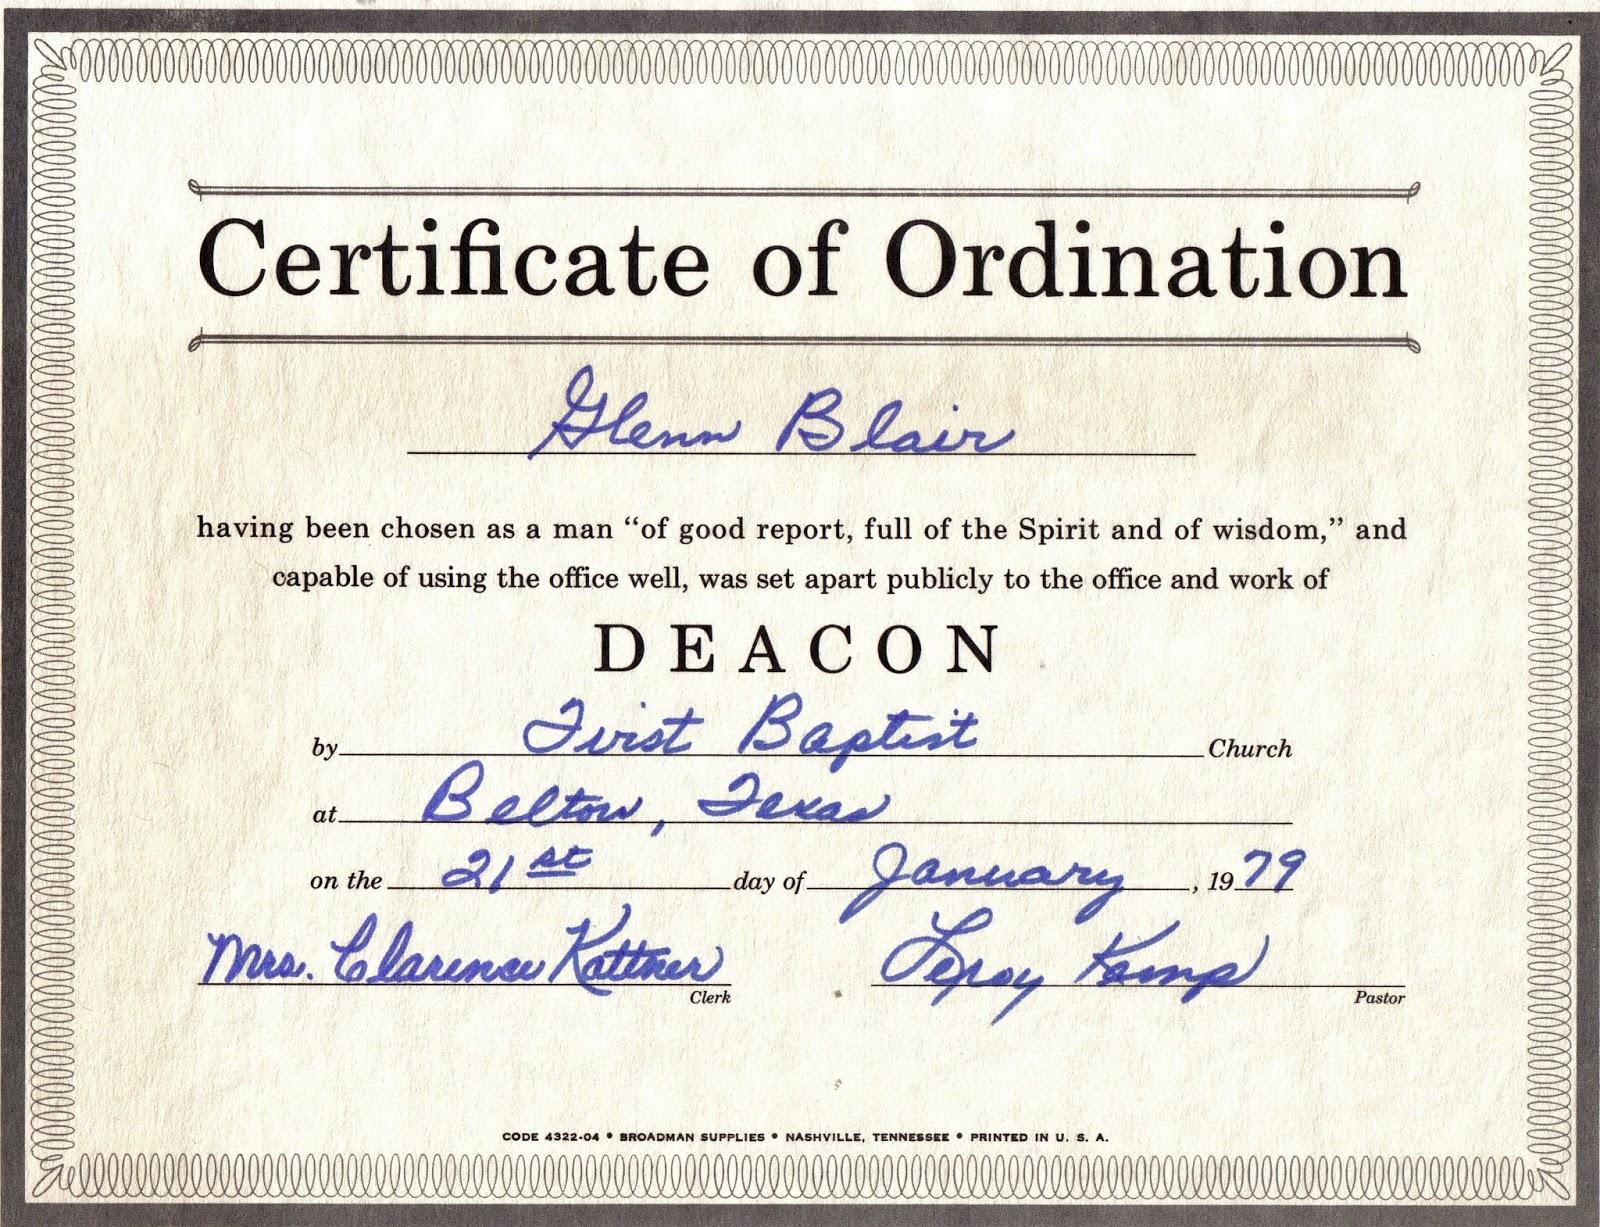 Ordination Certificate Template 11